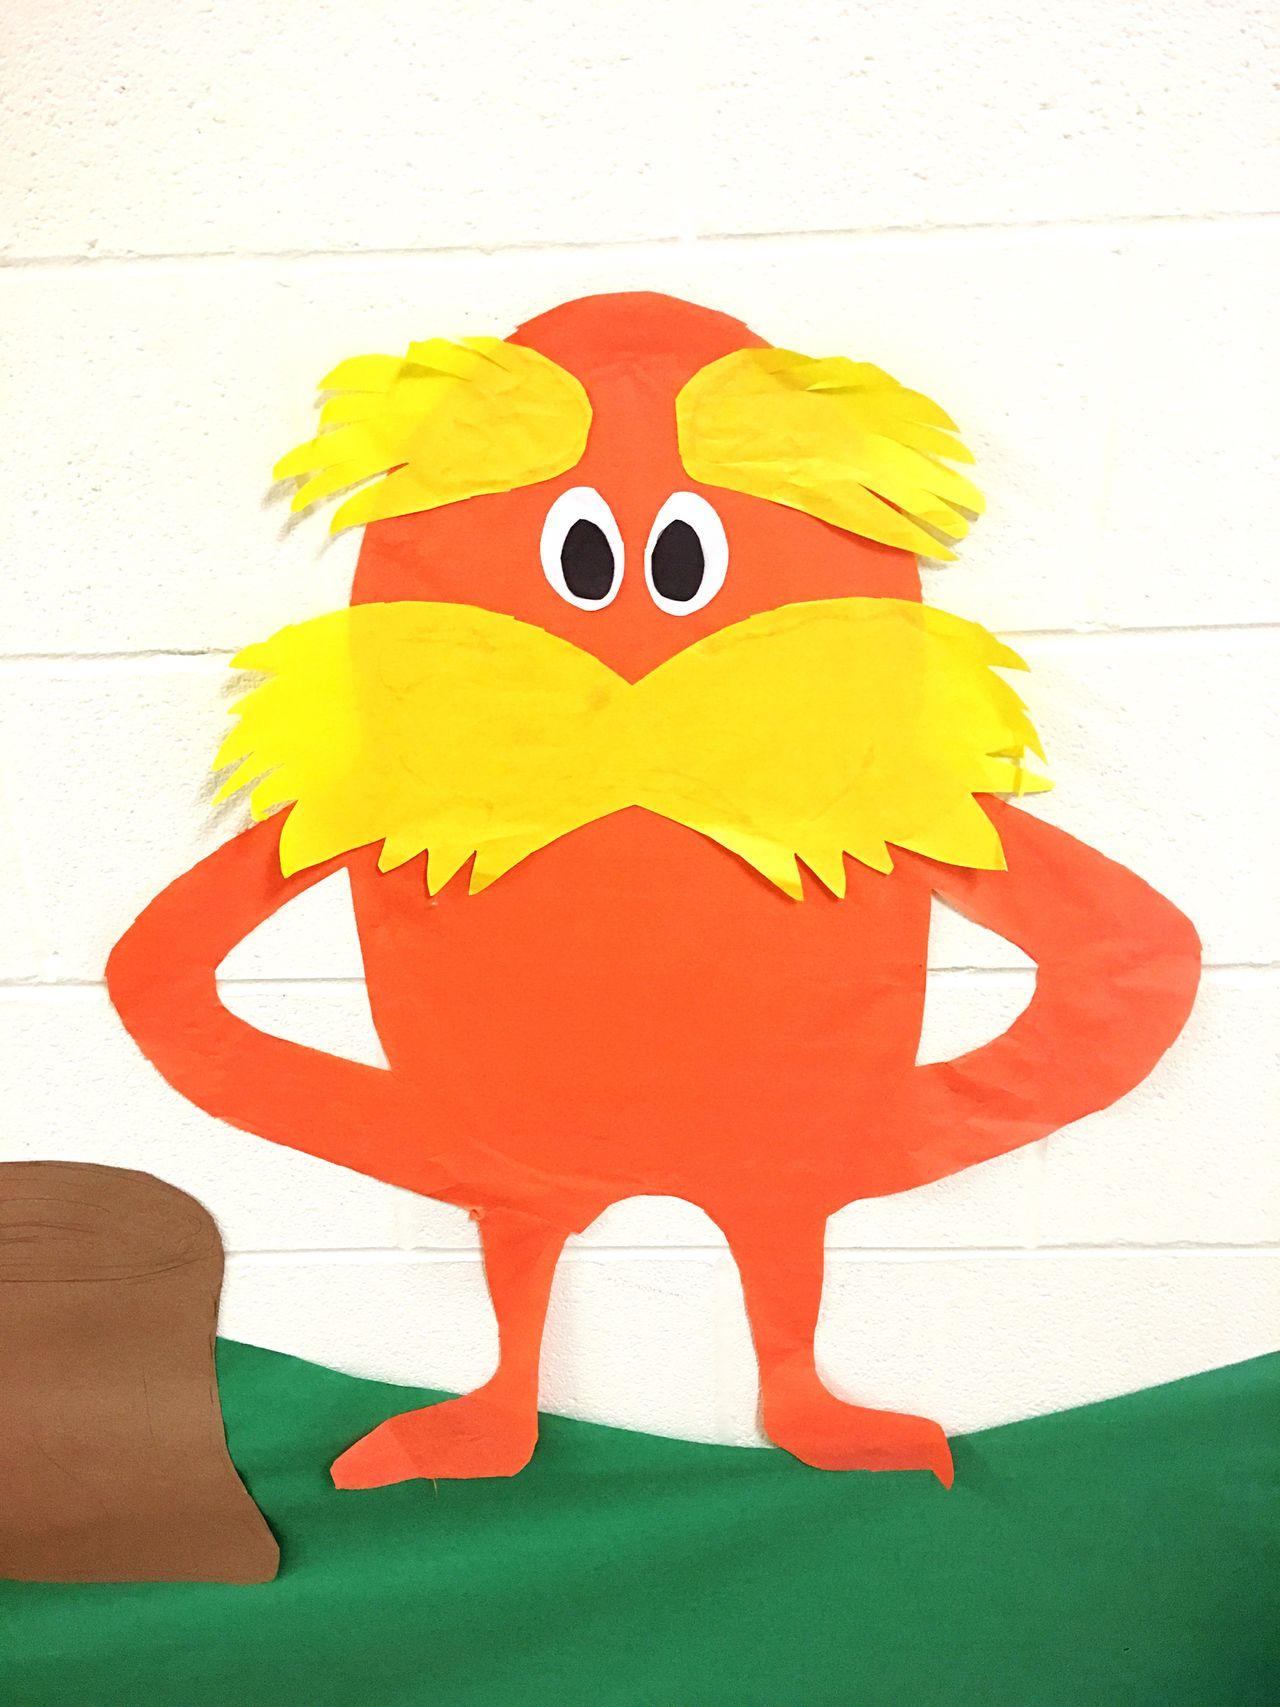 Papercraft School Bearded Mustache Cartoon Wall Art School Craft Construction Paper Kids Children